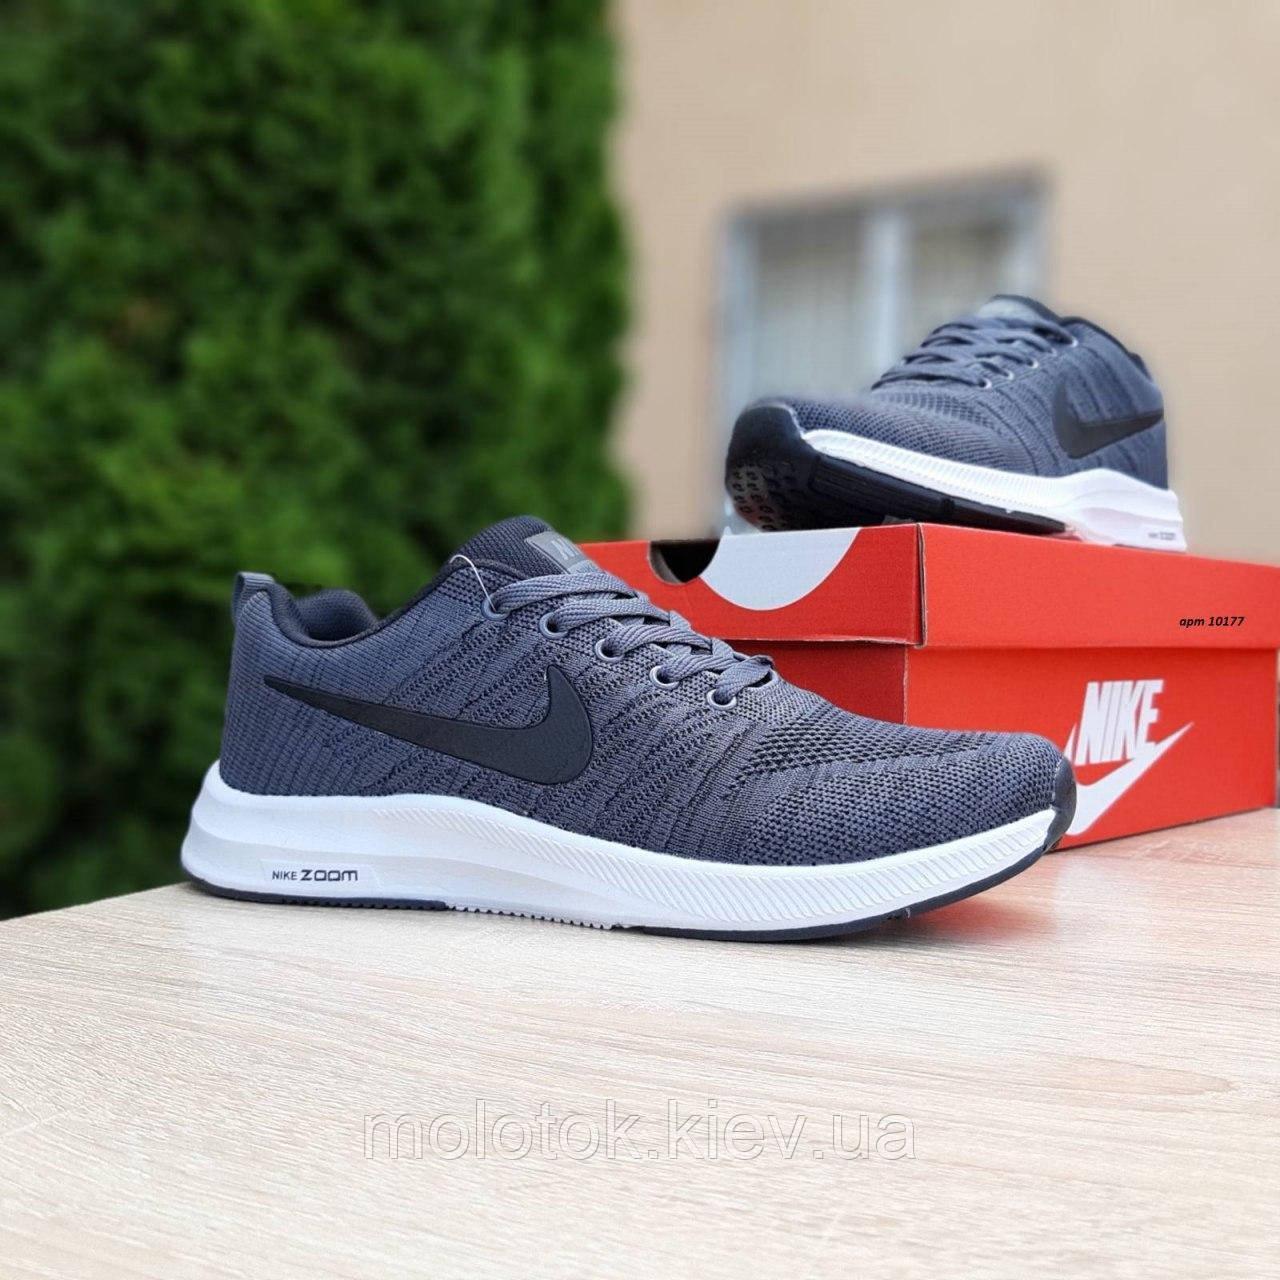 Мужские кроссовки в стиле Nike Zoom серые